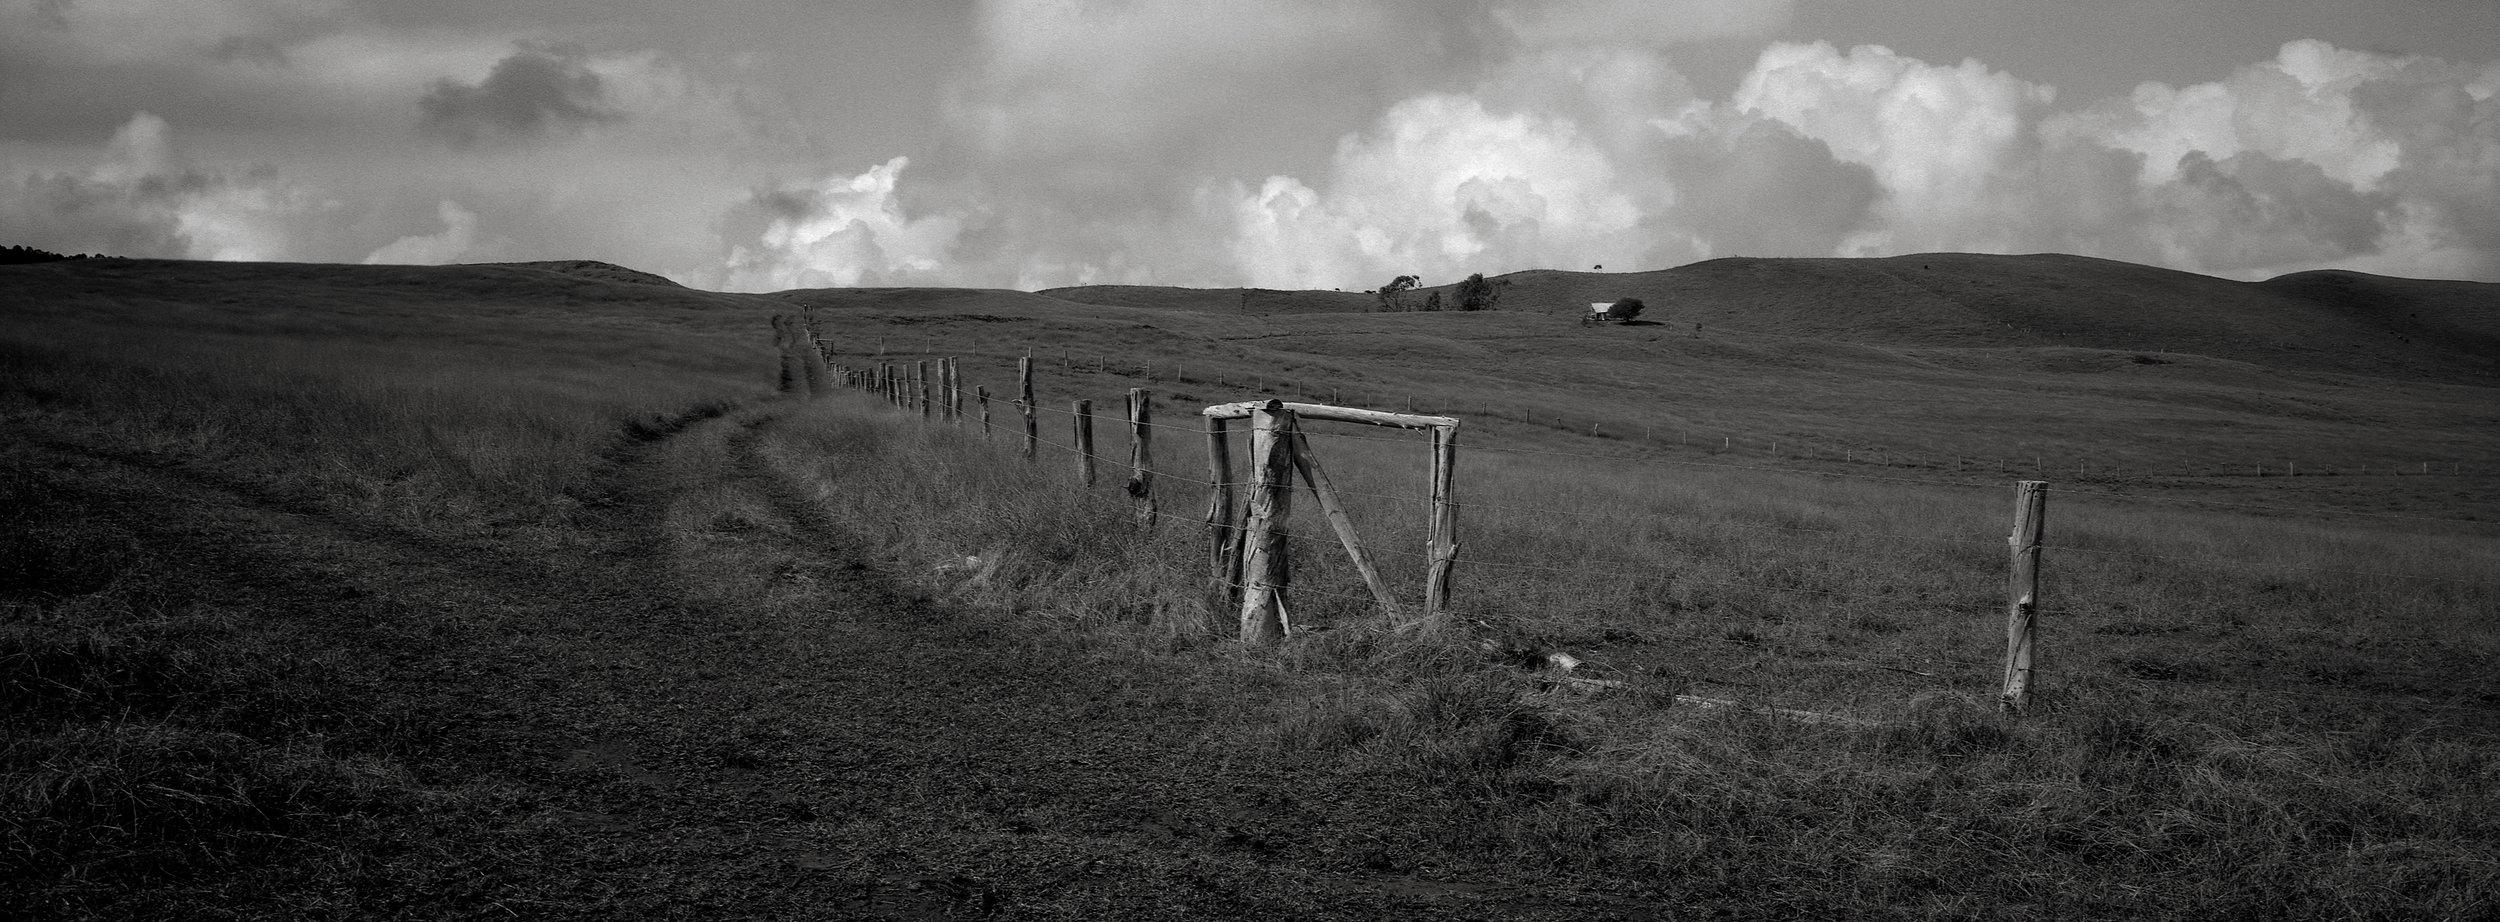 Along a Road, Easter Island